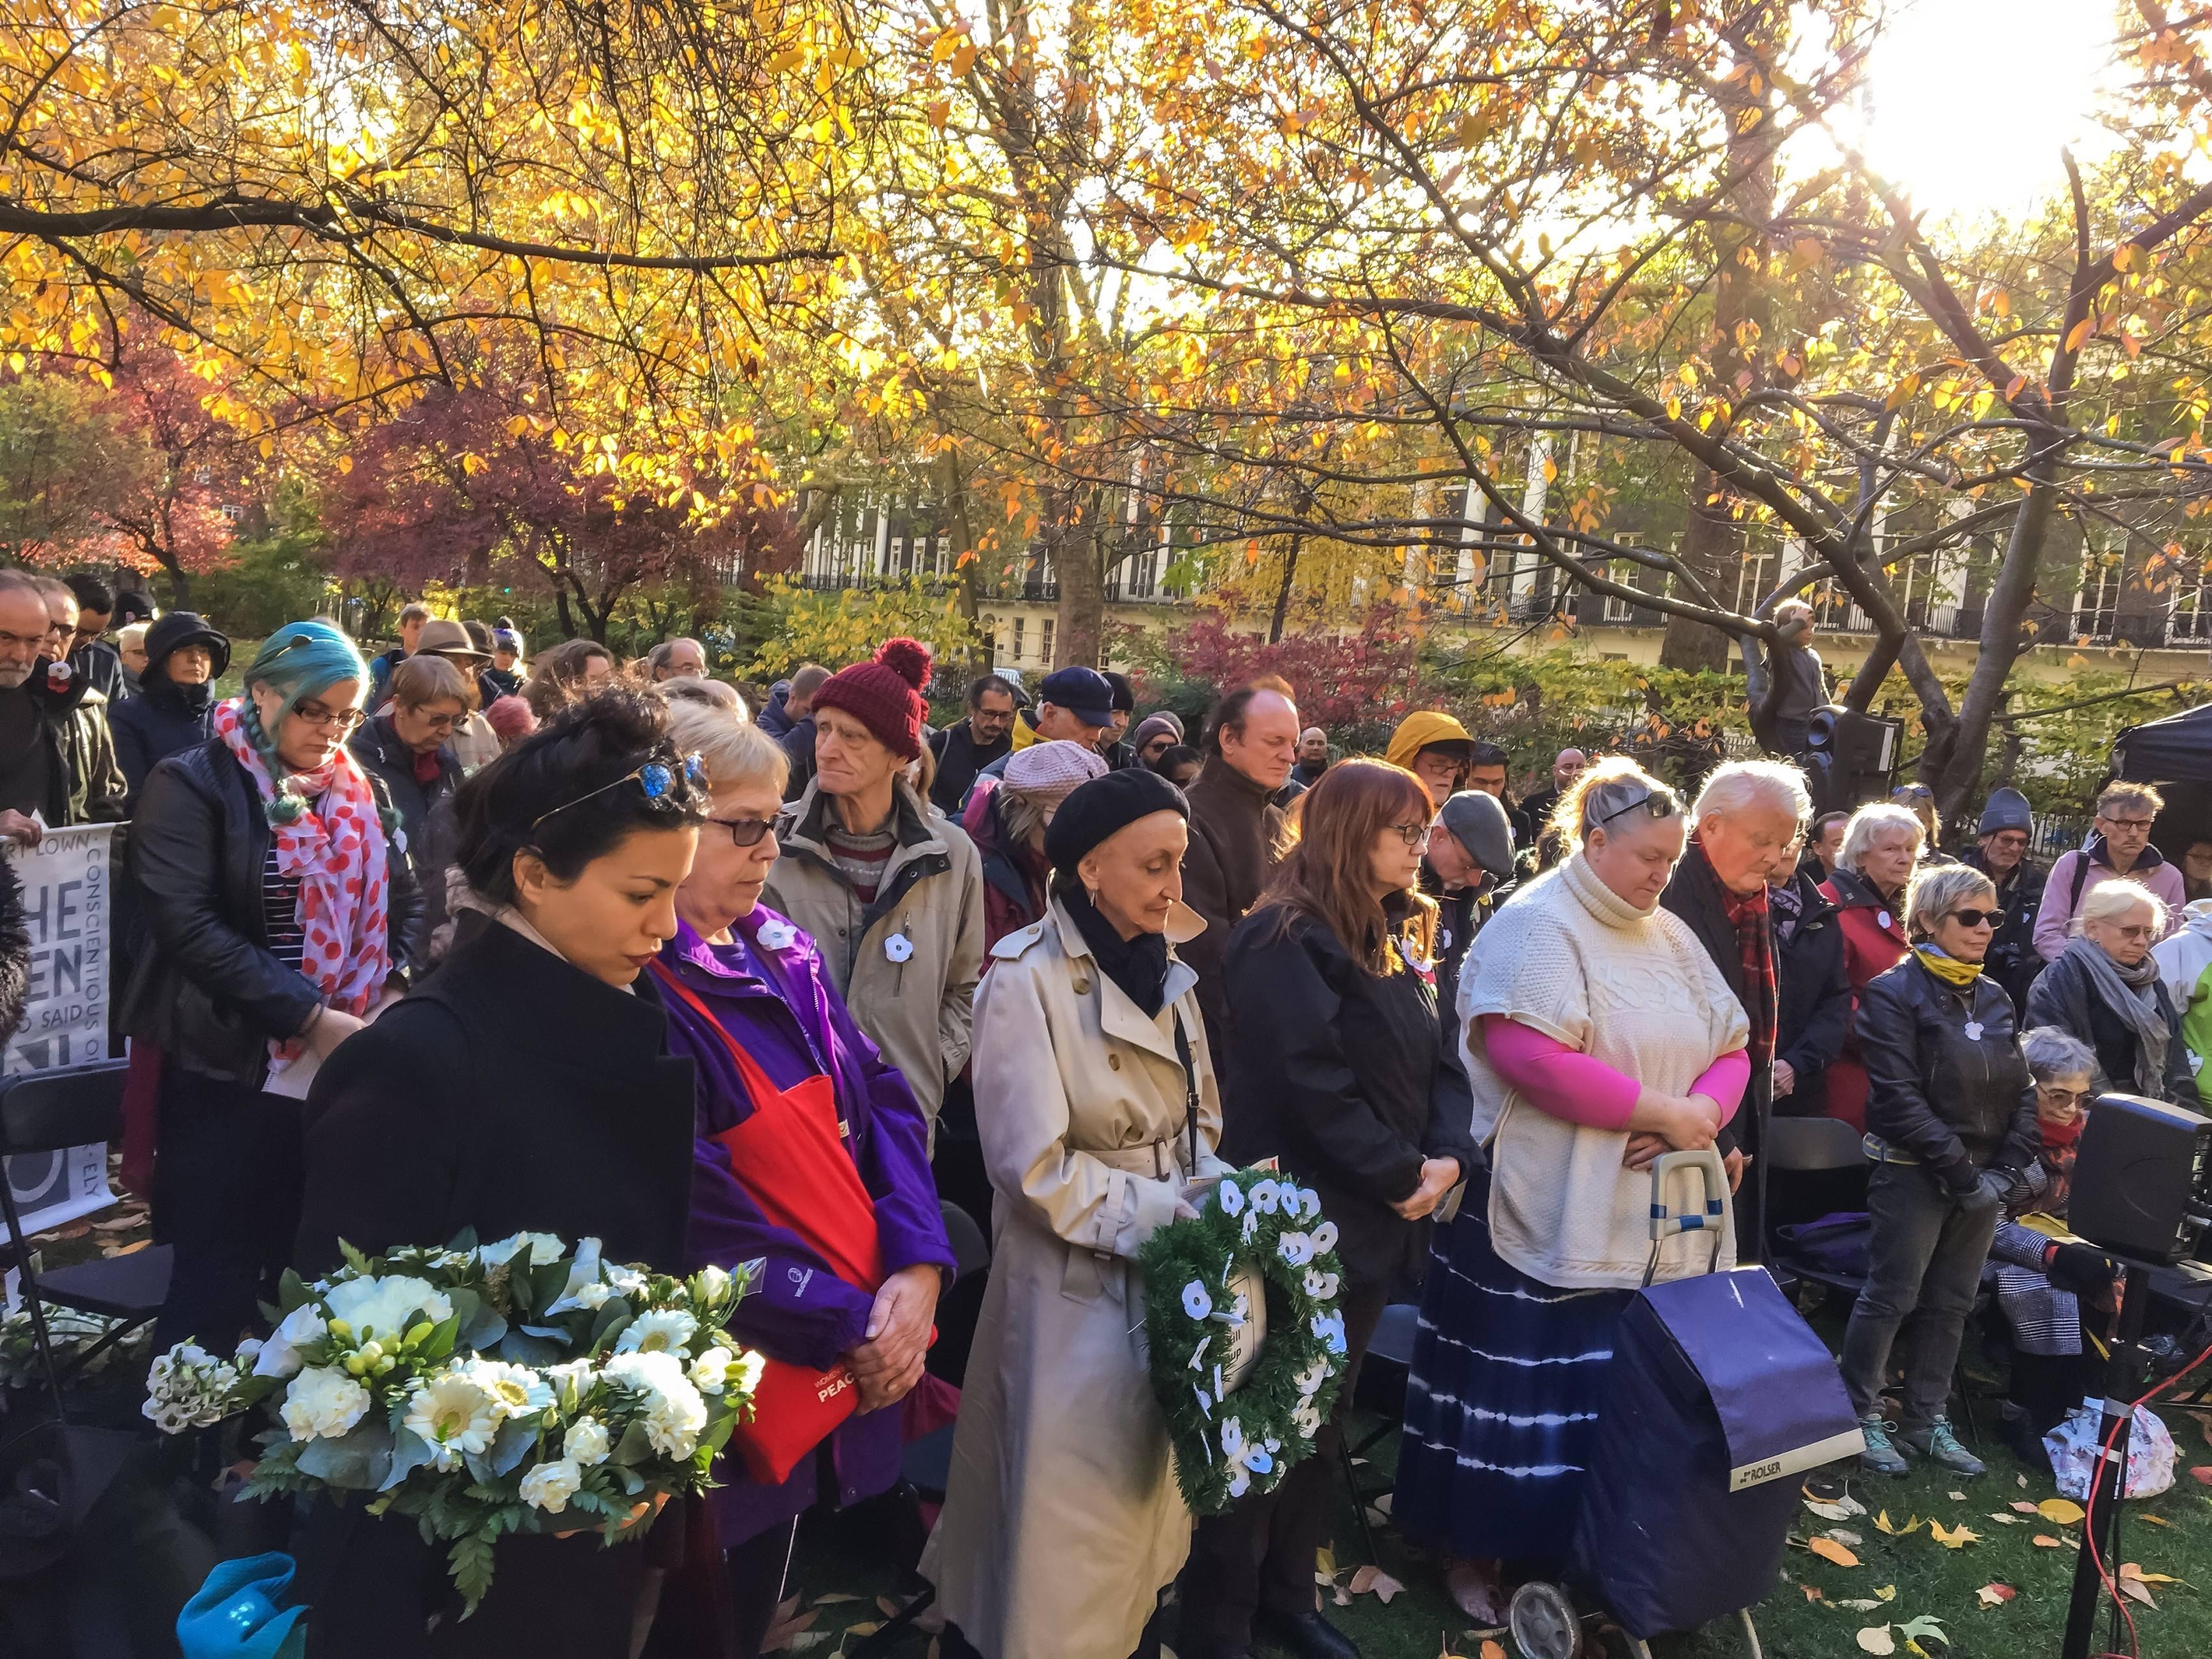 Kahden minuutin hiljaisuus ennen valkoisen unikkoseppeleen laskemista  vaihtoehtoisessa muistotilaisuudessa Lontoossa 11. marraskuuta.. Kuva: Peace Pledge Union.